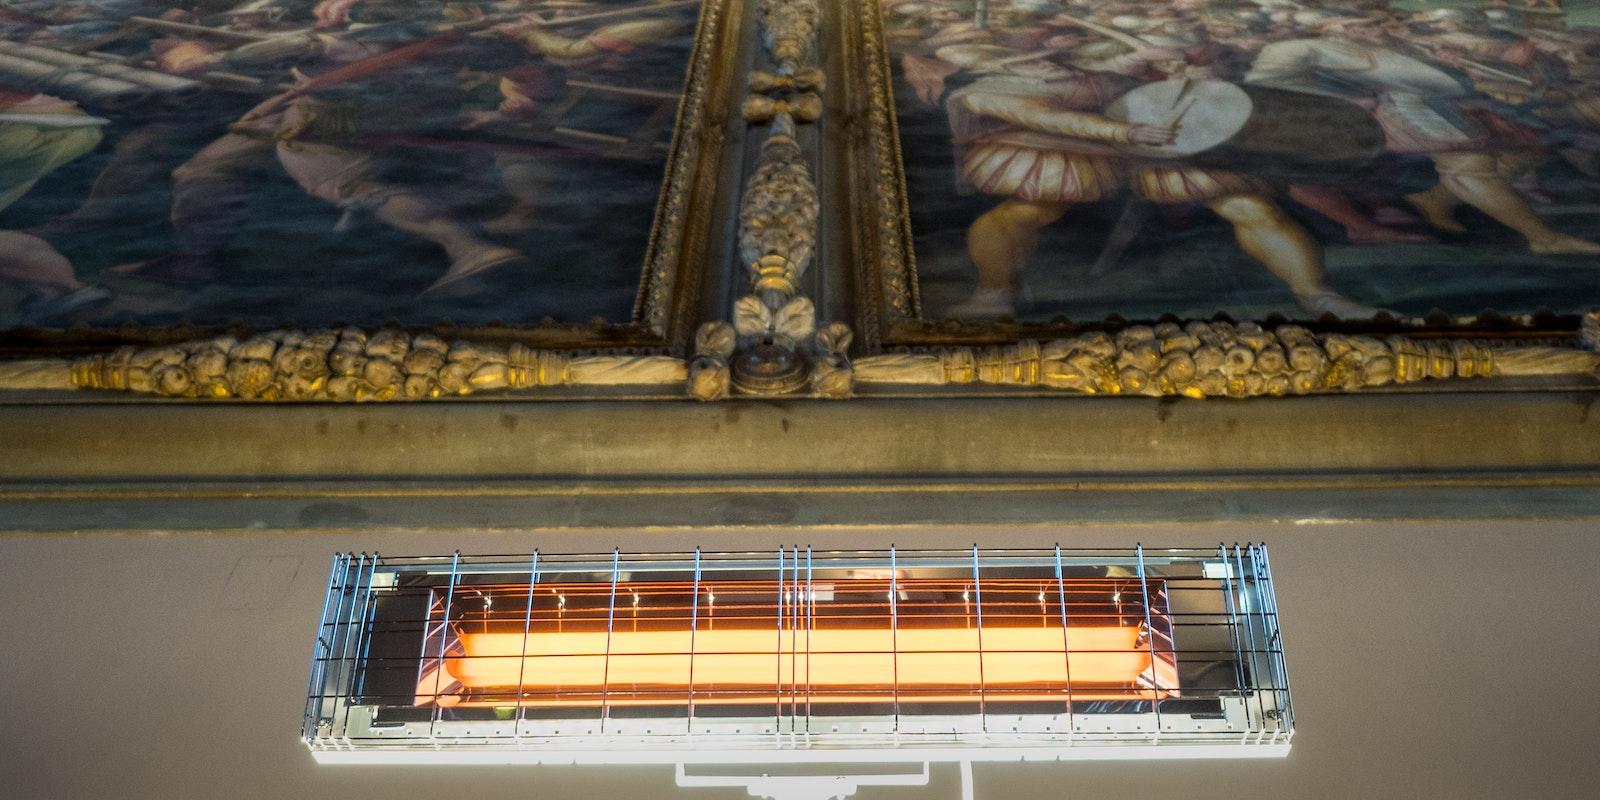 Lampada a raggi Infrarossi che Non Emette Luce - 100% Made in Italy